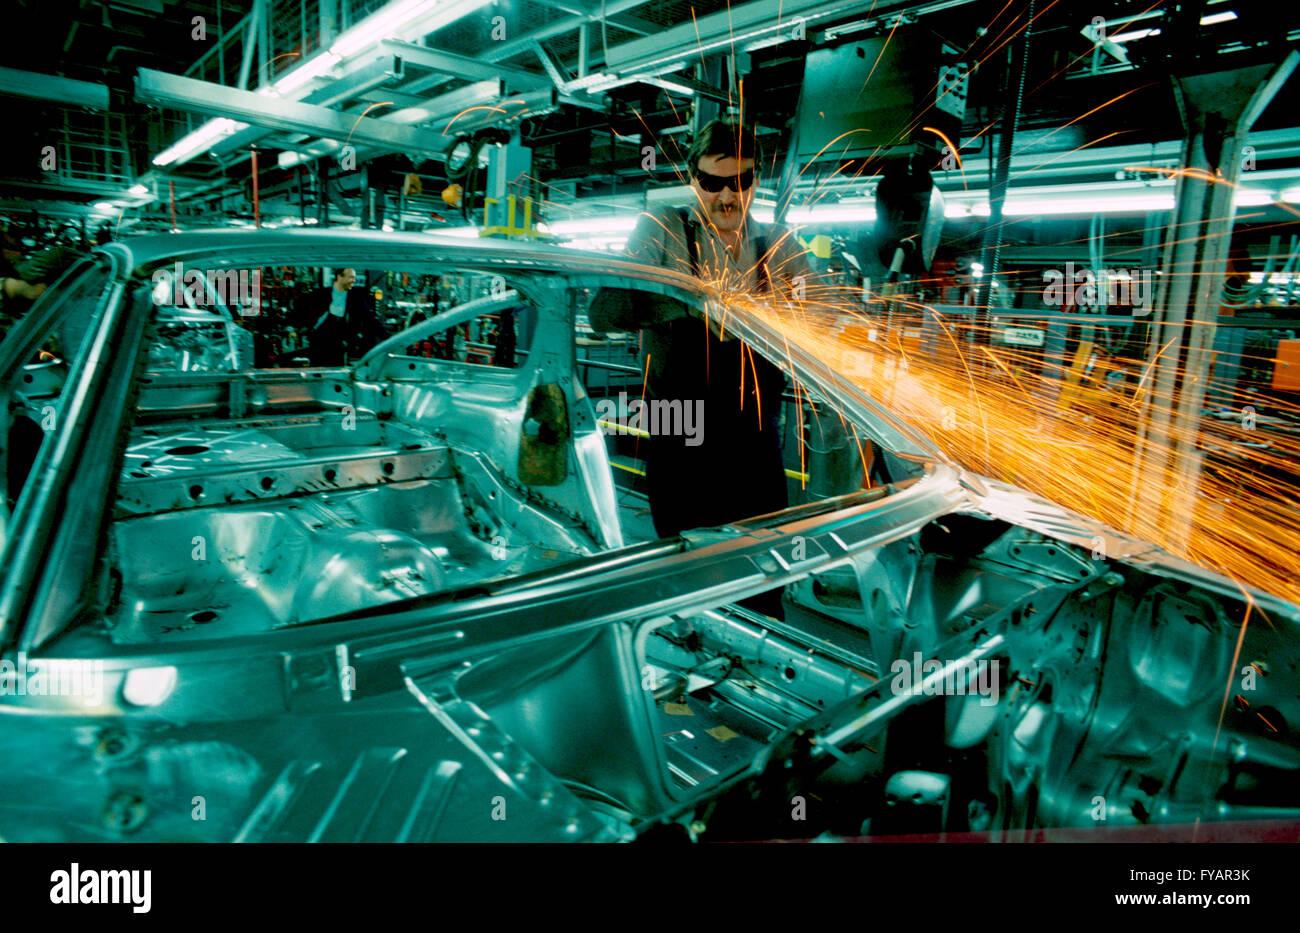 Porsche Factory Stock Photos Amp Porsche Factory Stock